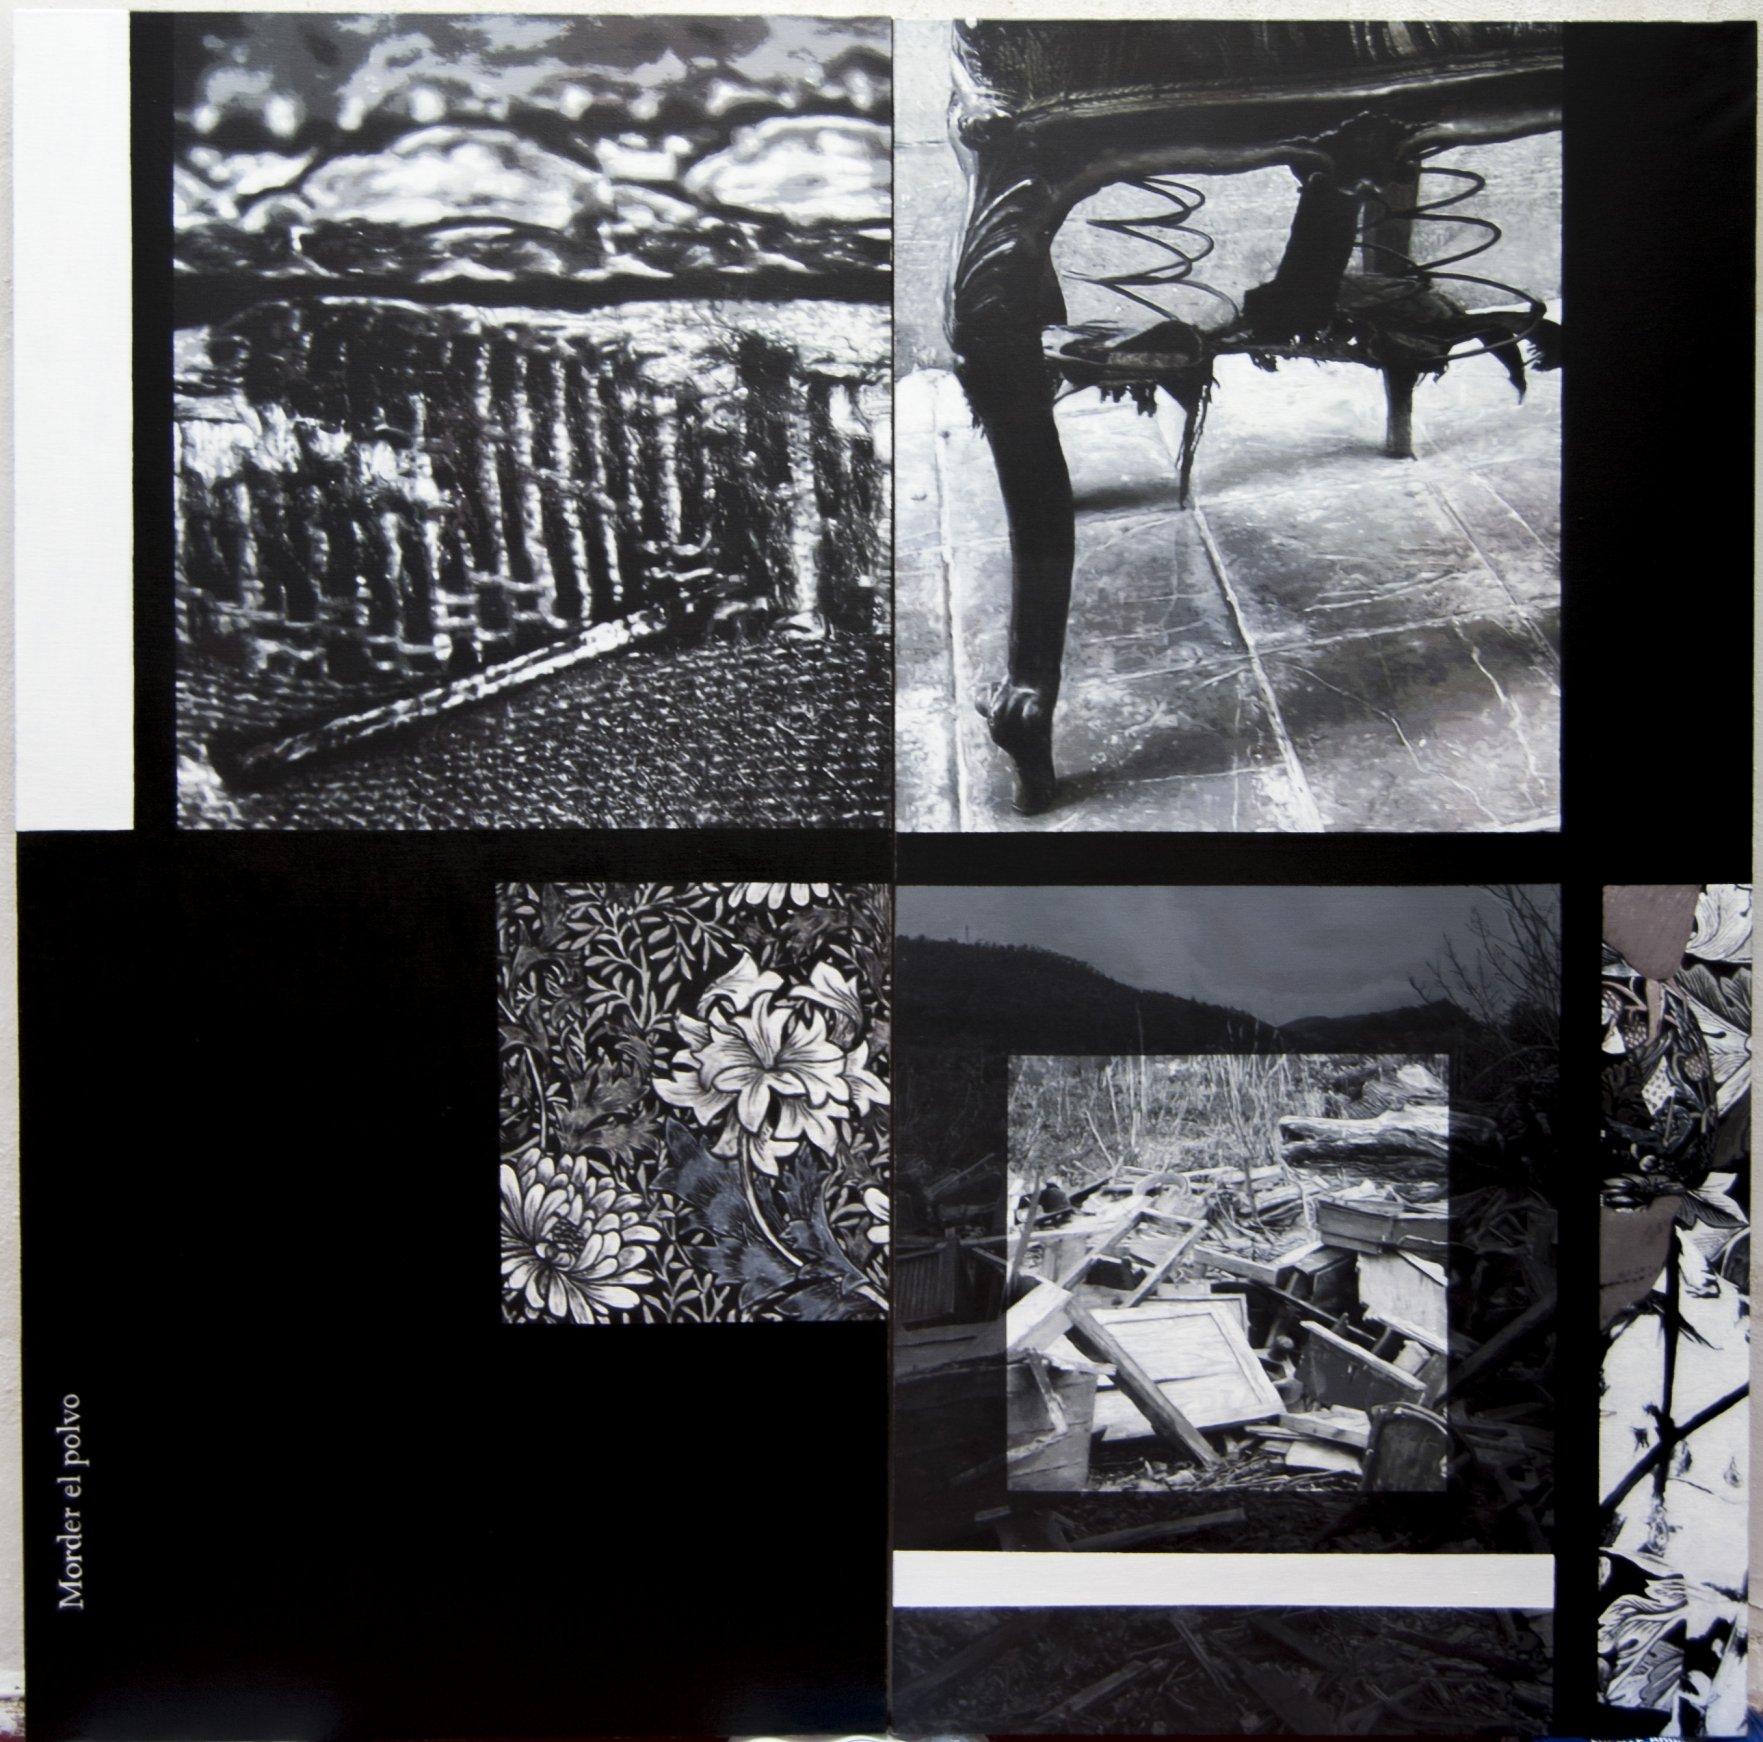 Morder el polvo (2020) - Eduardo Serrano González